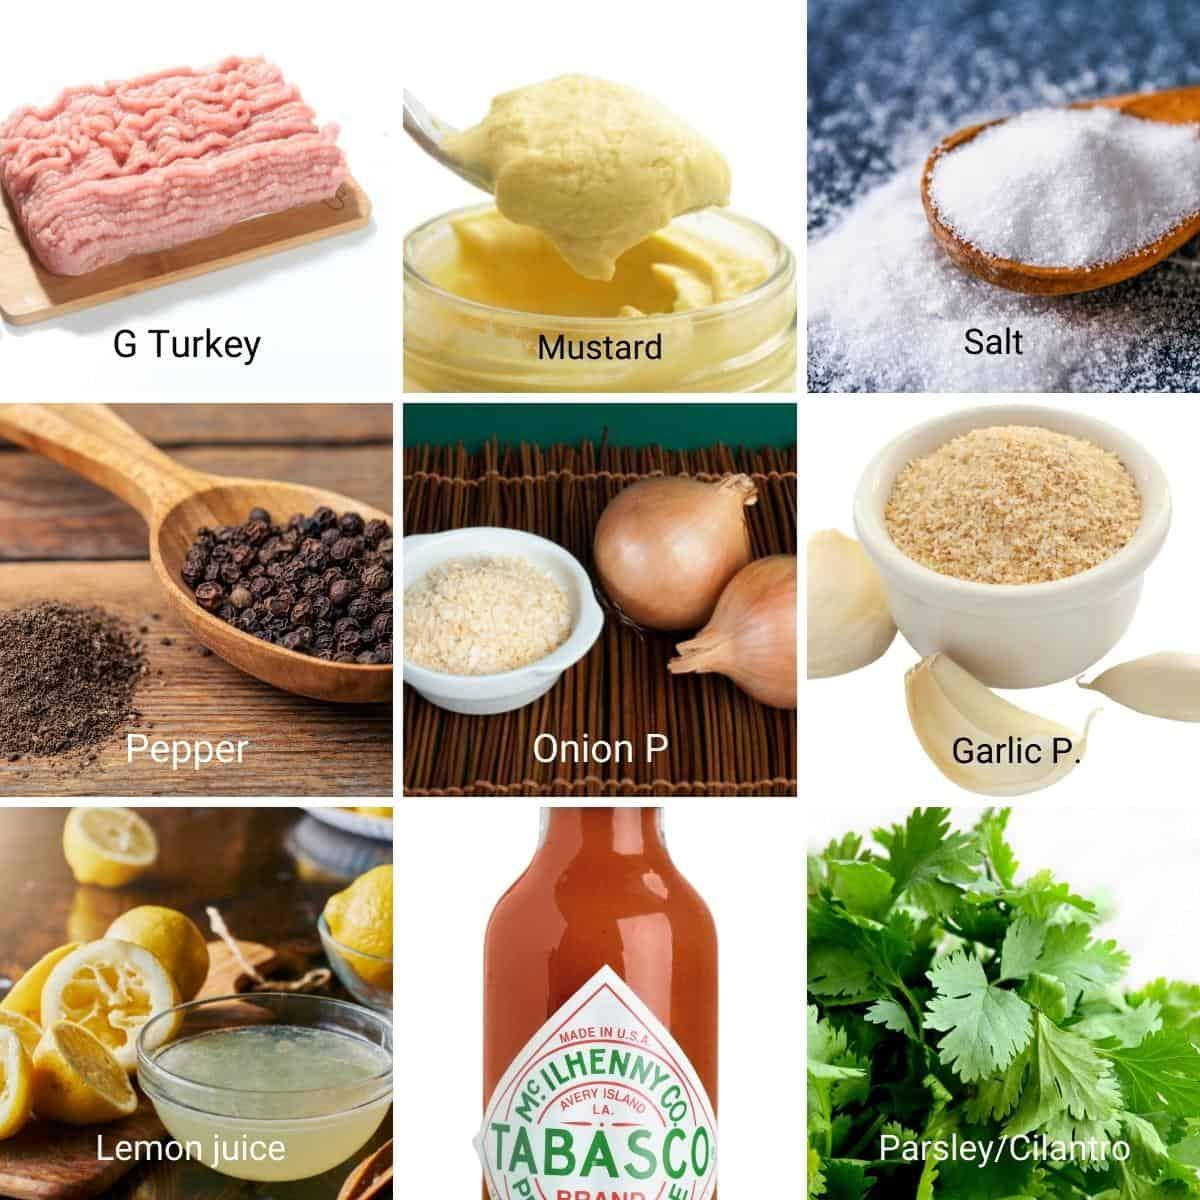 Ingredients shot collage for ground turkey burgers.